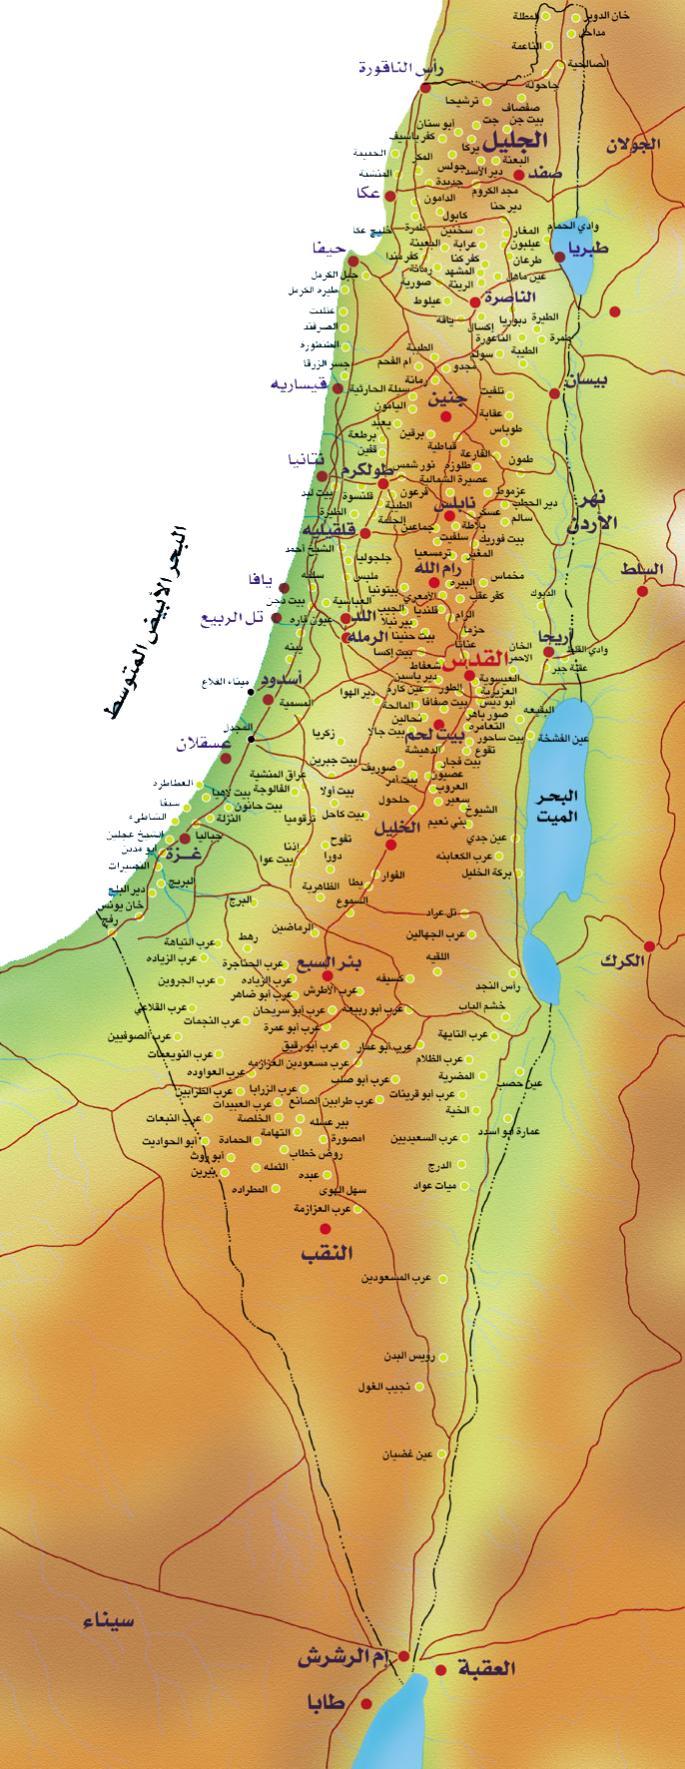 خريطة فلسطين مع مدن فلسطين